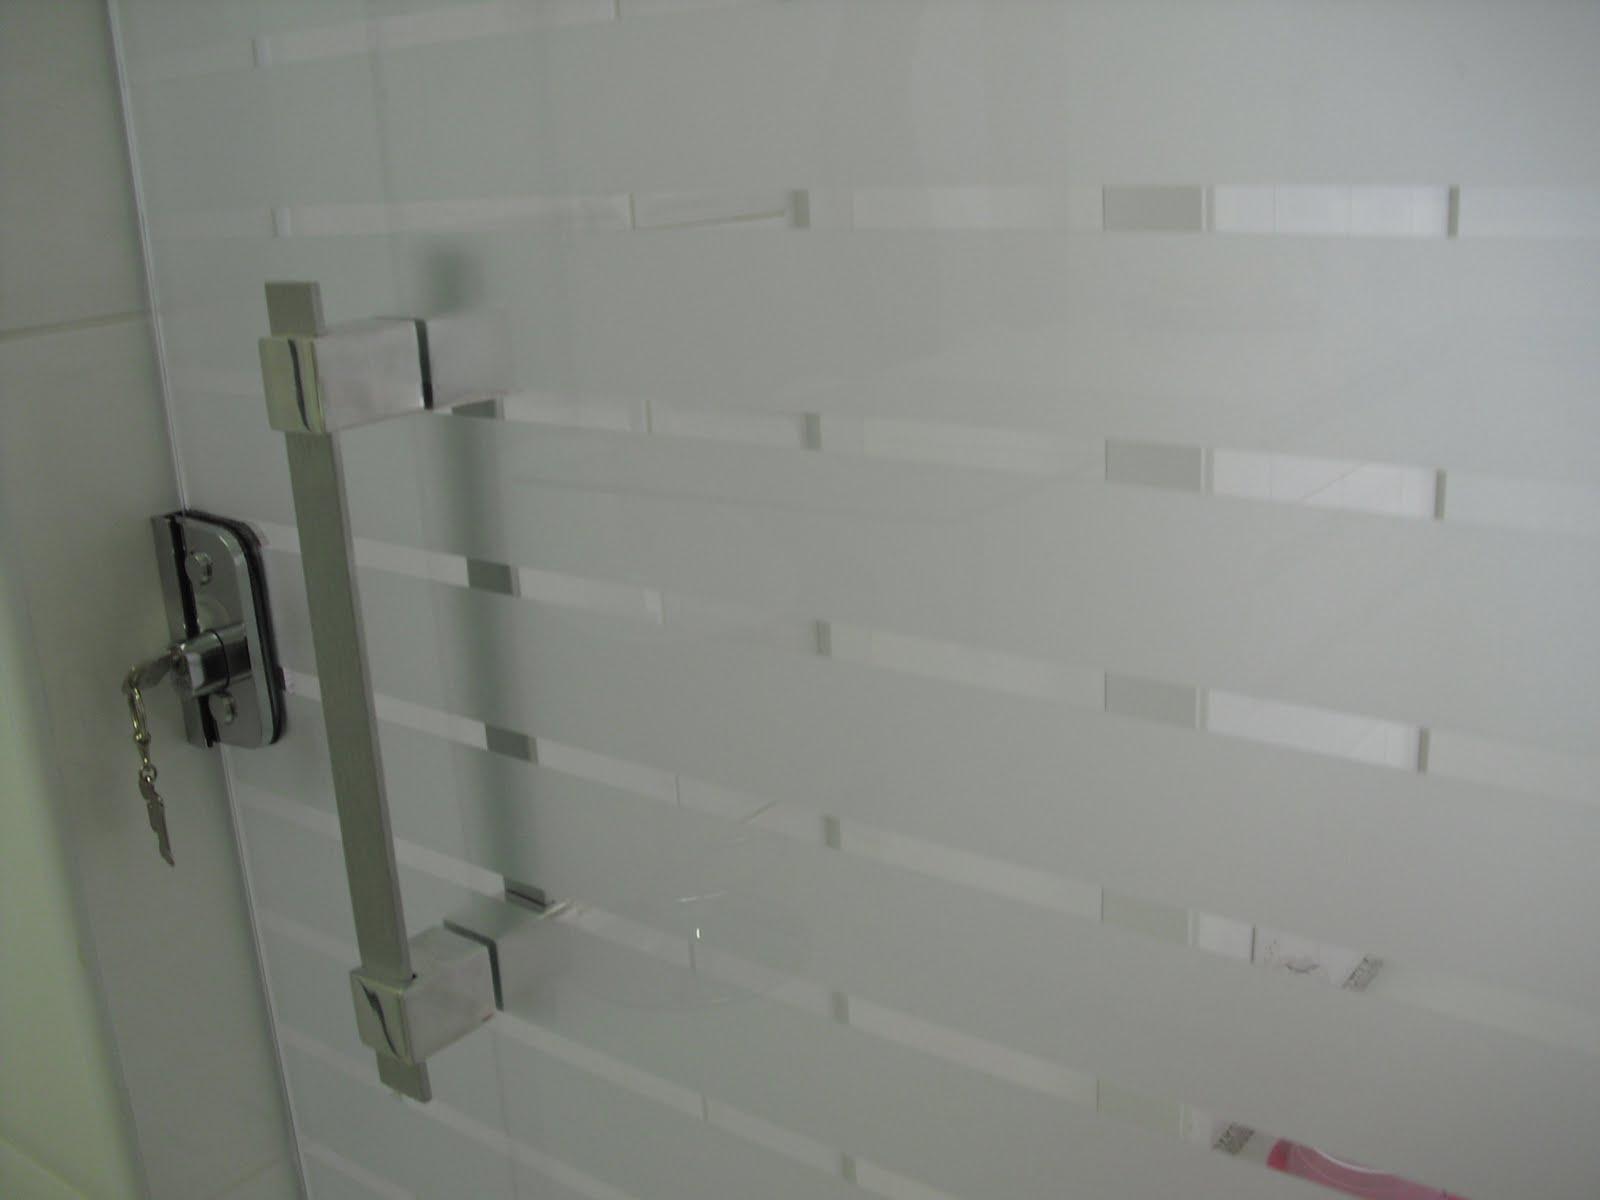 Porta da lavanderia: Tipos de Vidro Dicas do Novo Apê #6B444B 1600 1200